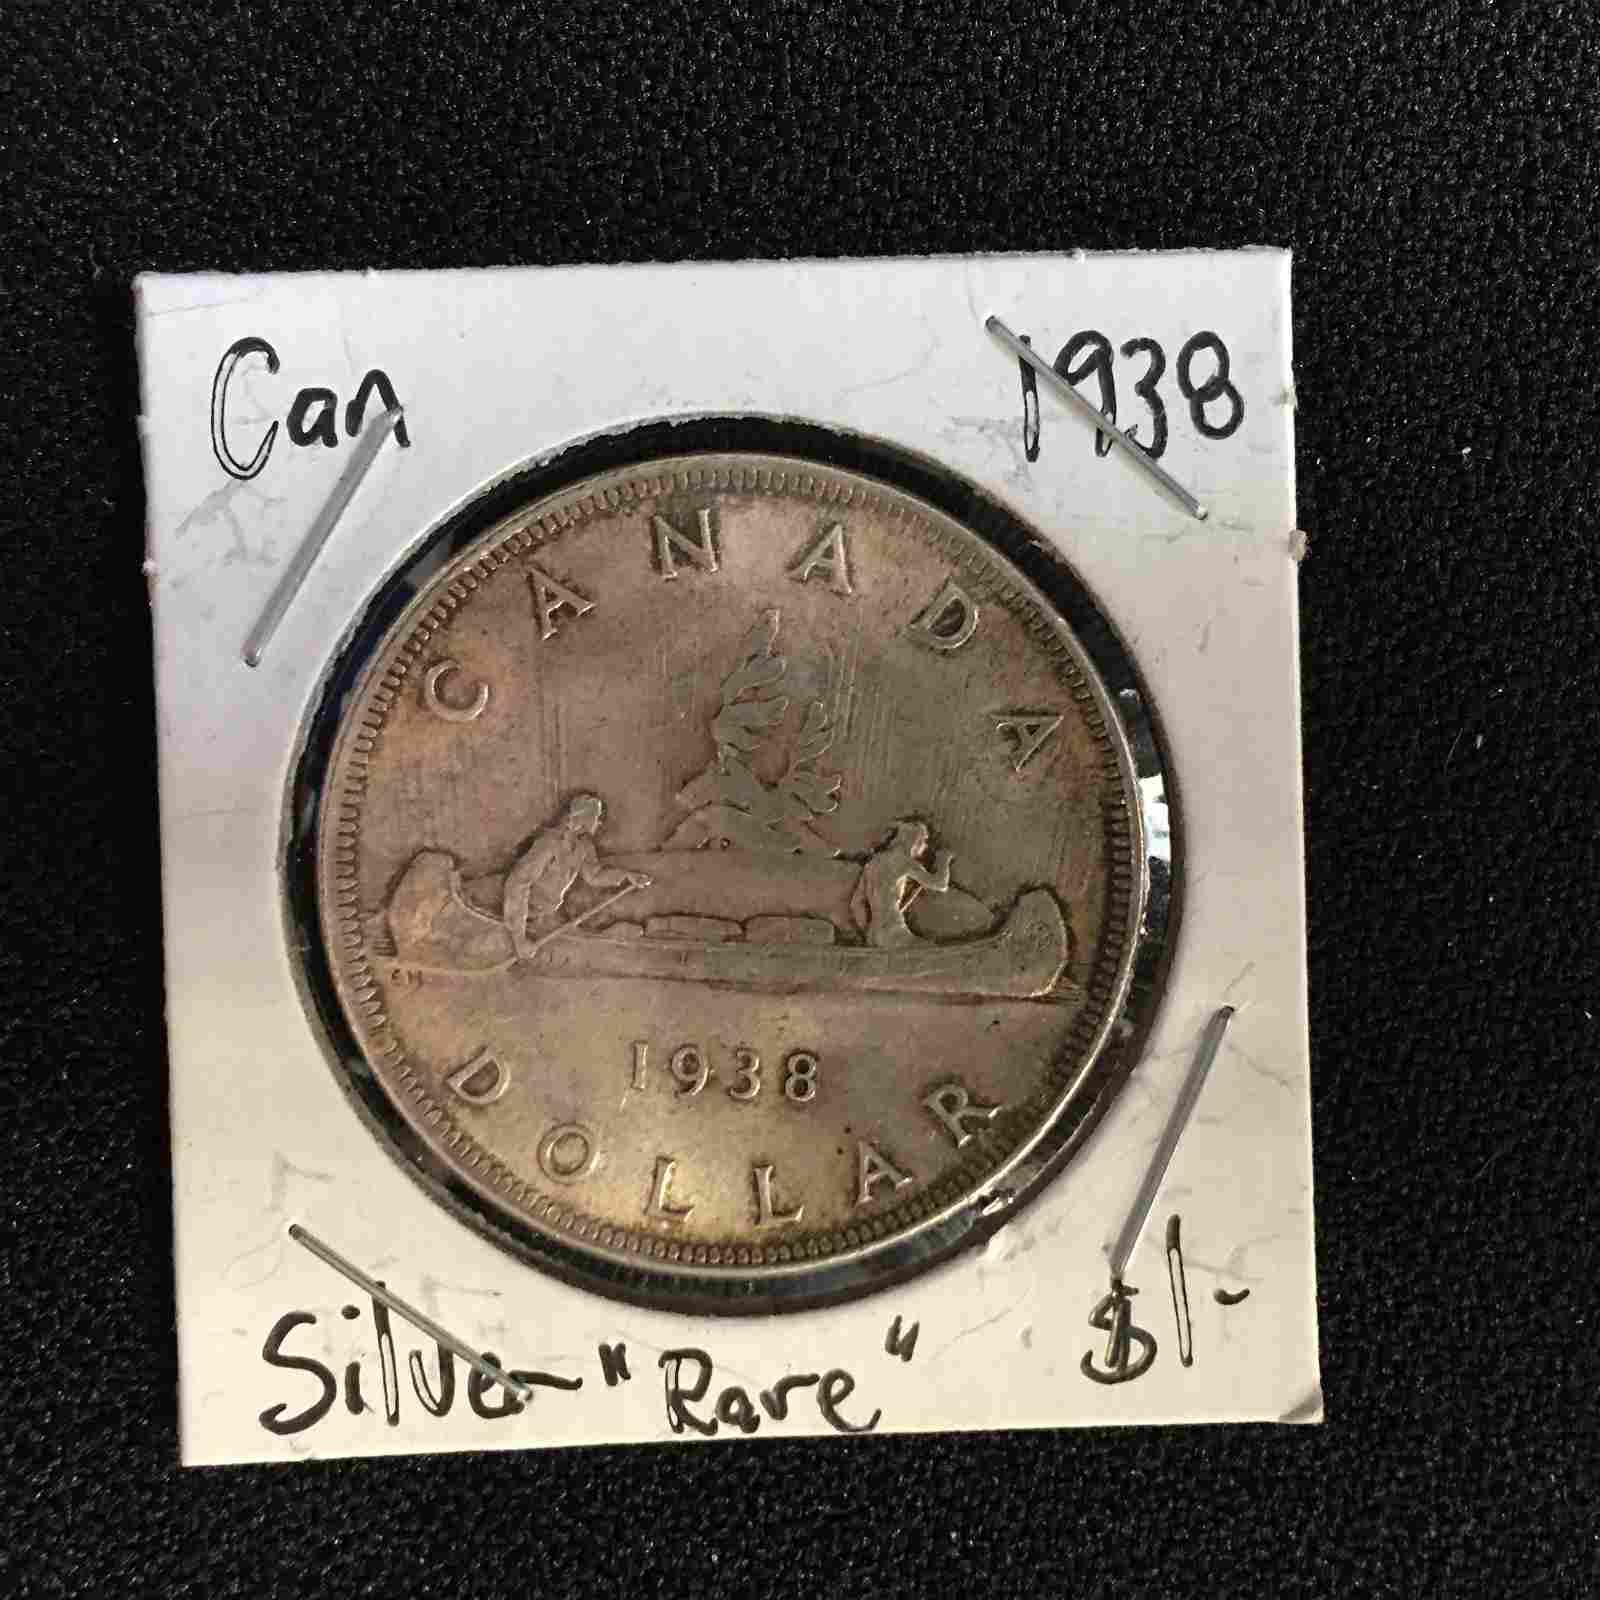 1938 CANADA SILVER DOLLAR (RARE)